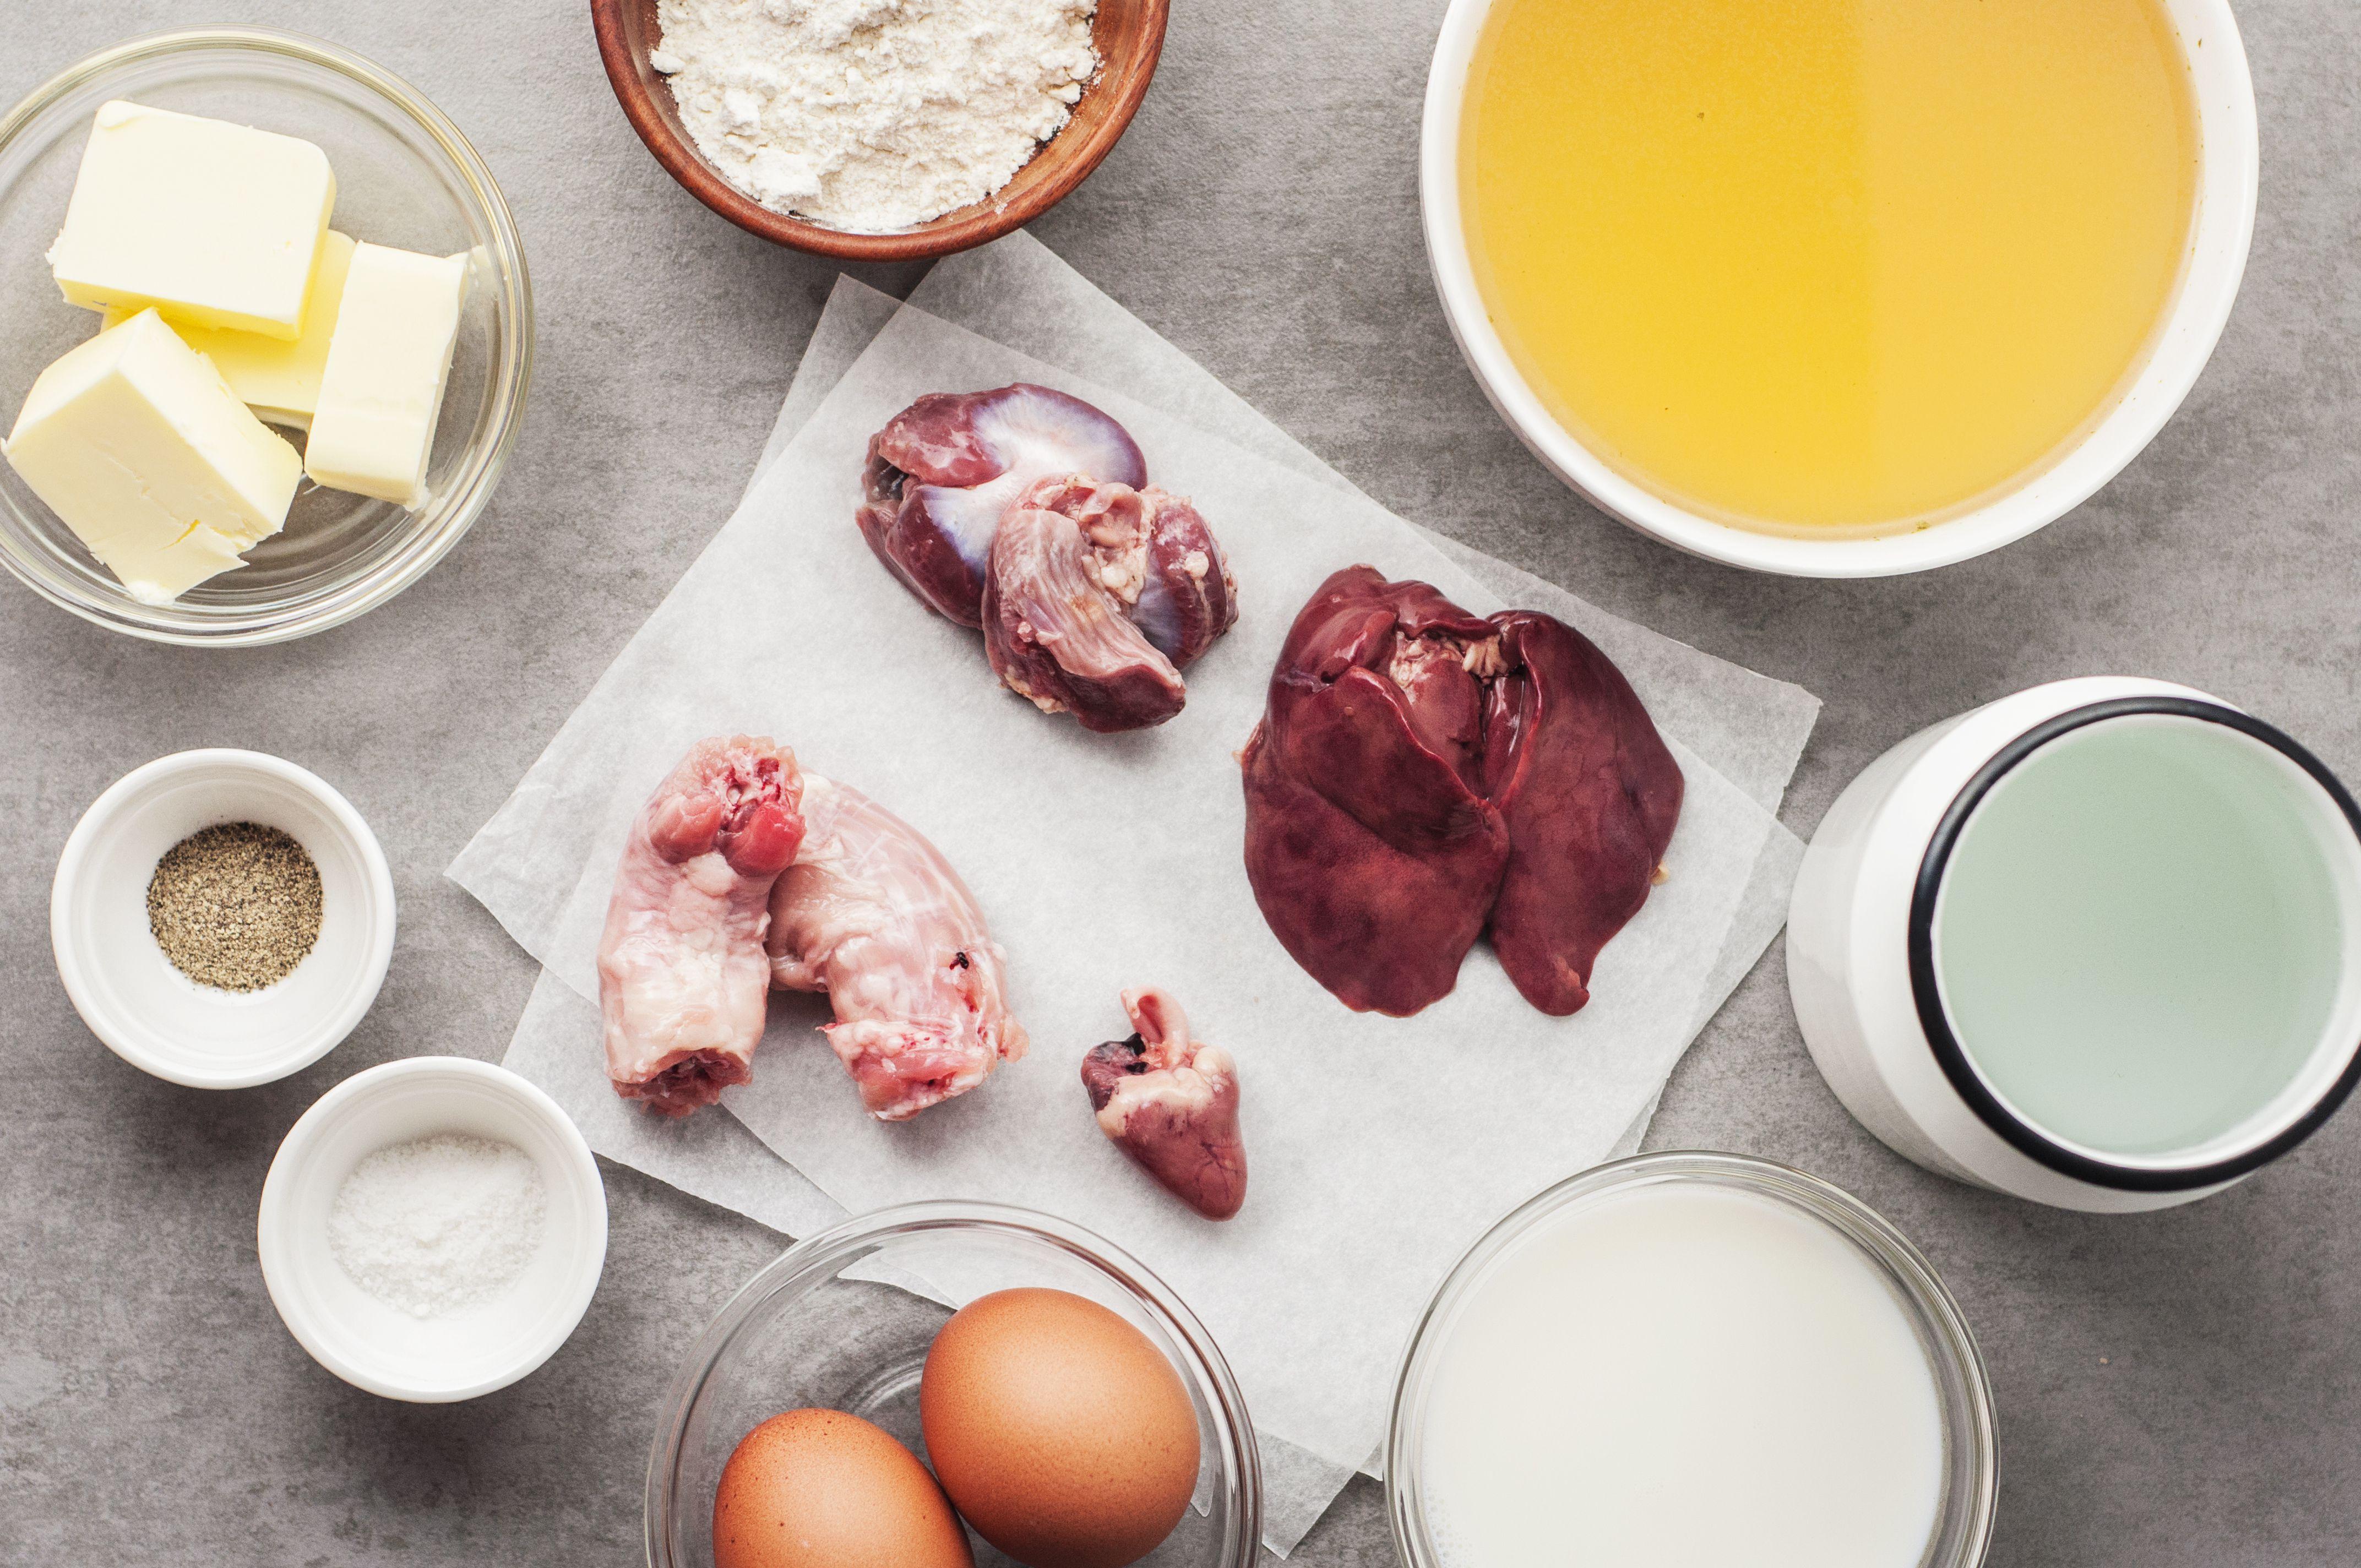 Giblet gravy ingredients